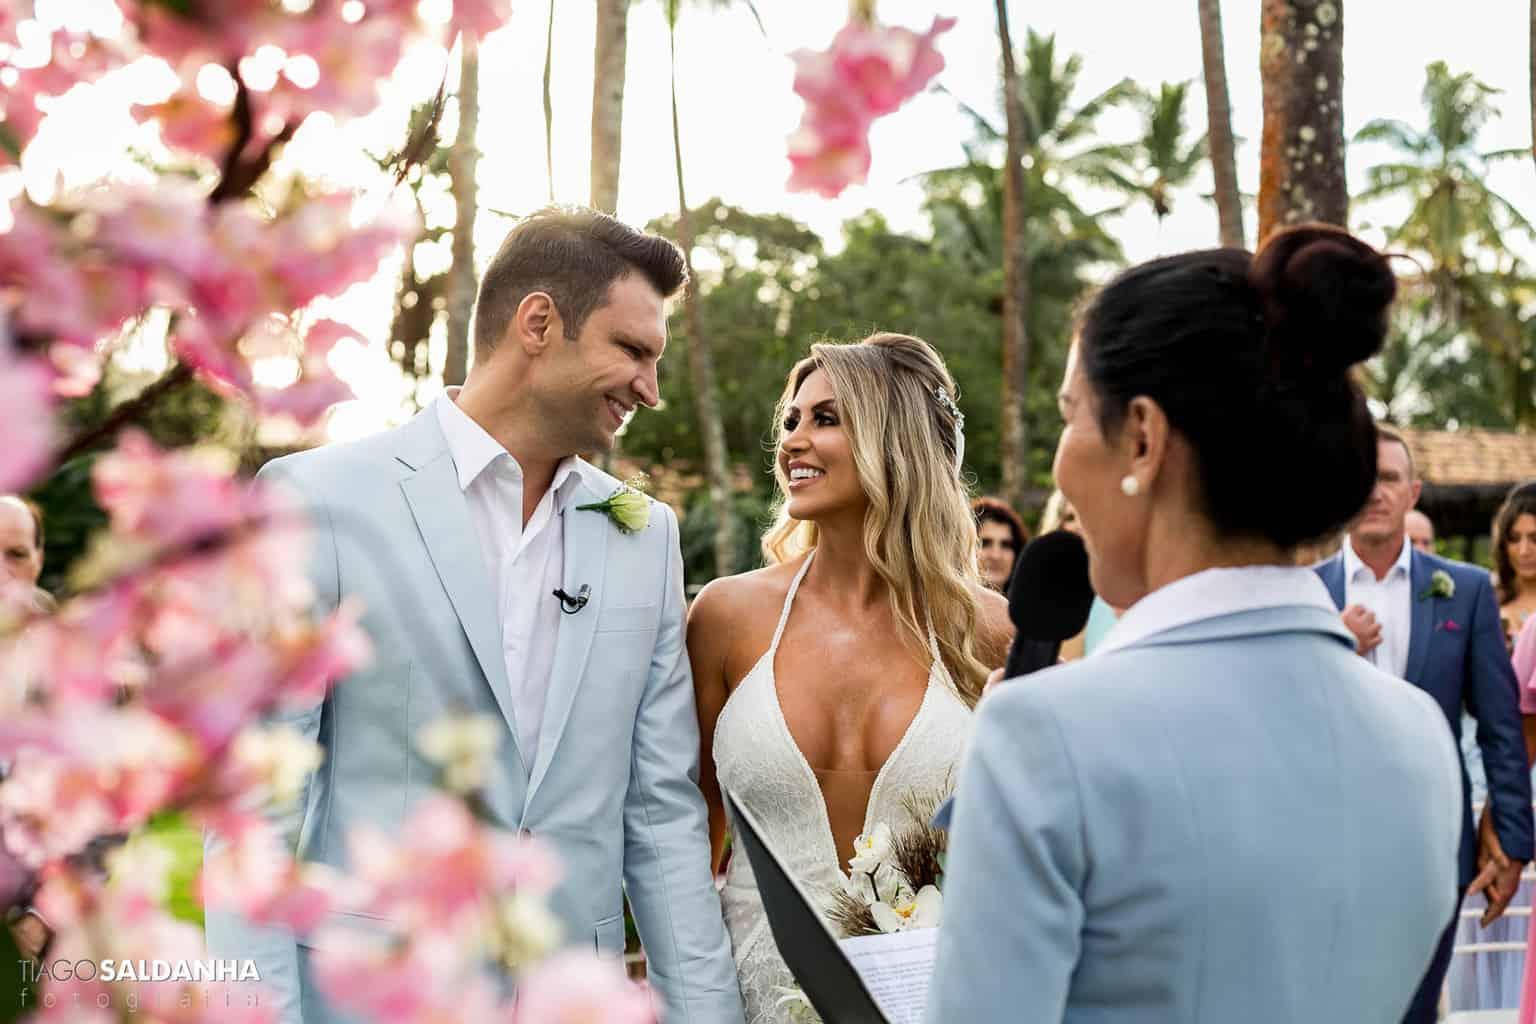 Aliança-no-Espelho-Casamento-Chandrélin-e-Laureano-cerimonia-na-praia-cerimonia-no-jardim-Chan-e-Lau-Rio-da-Barra20